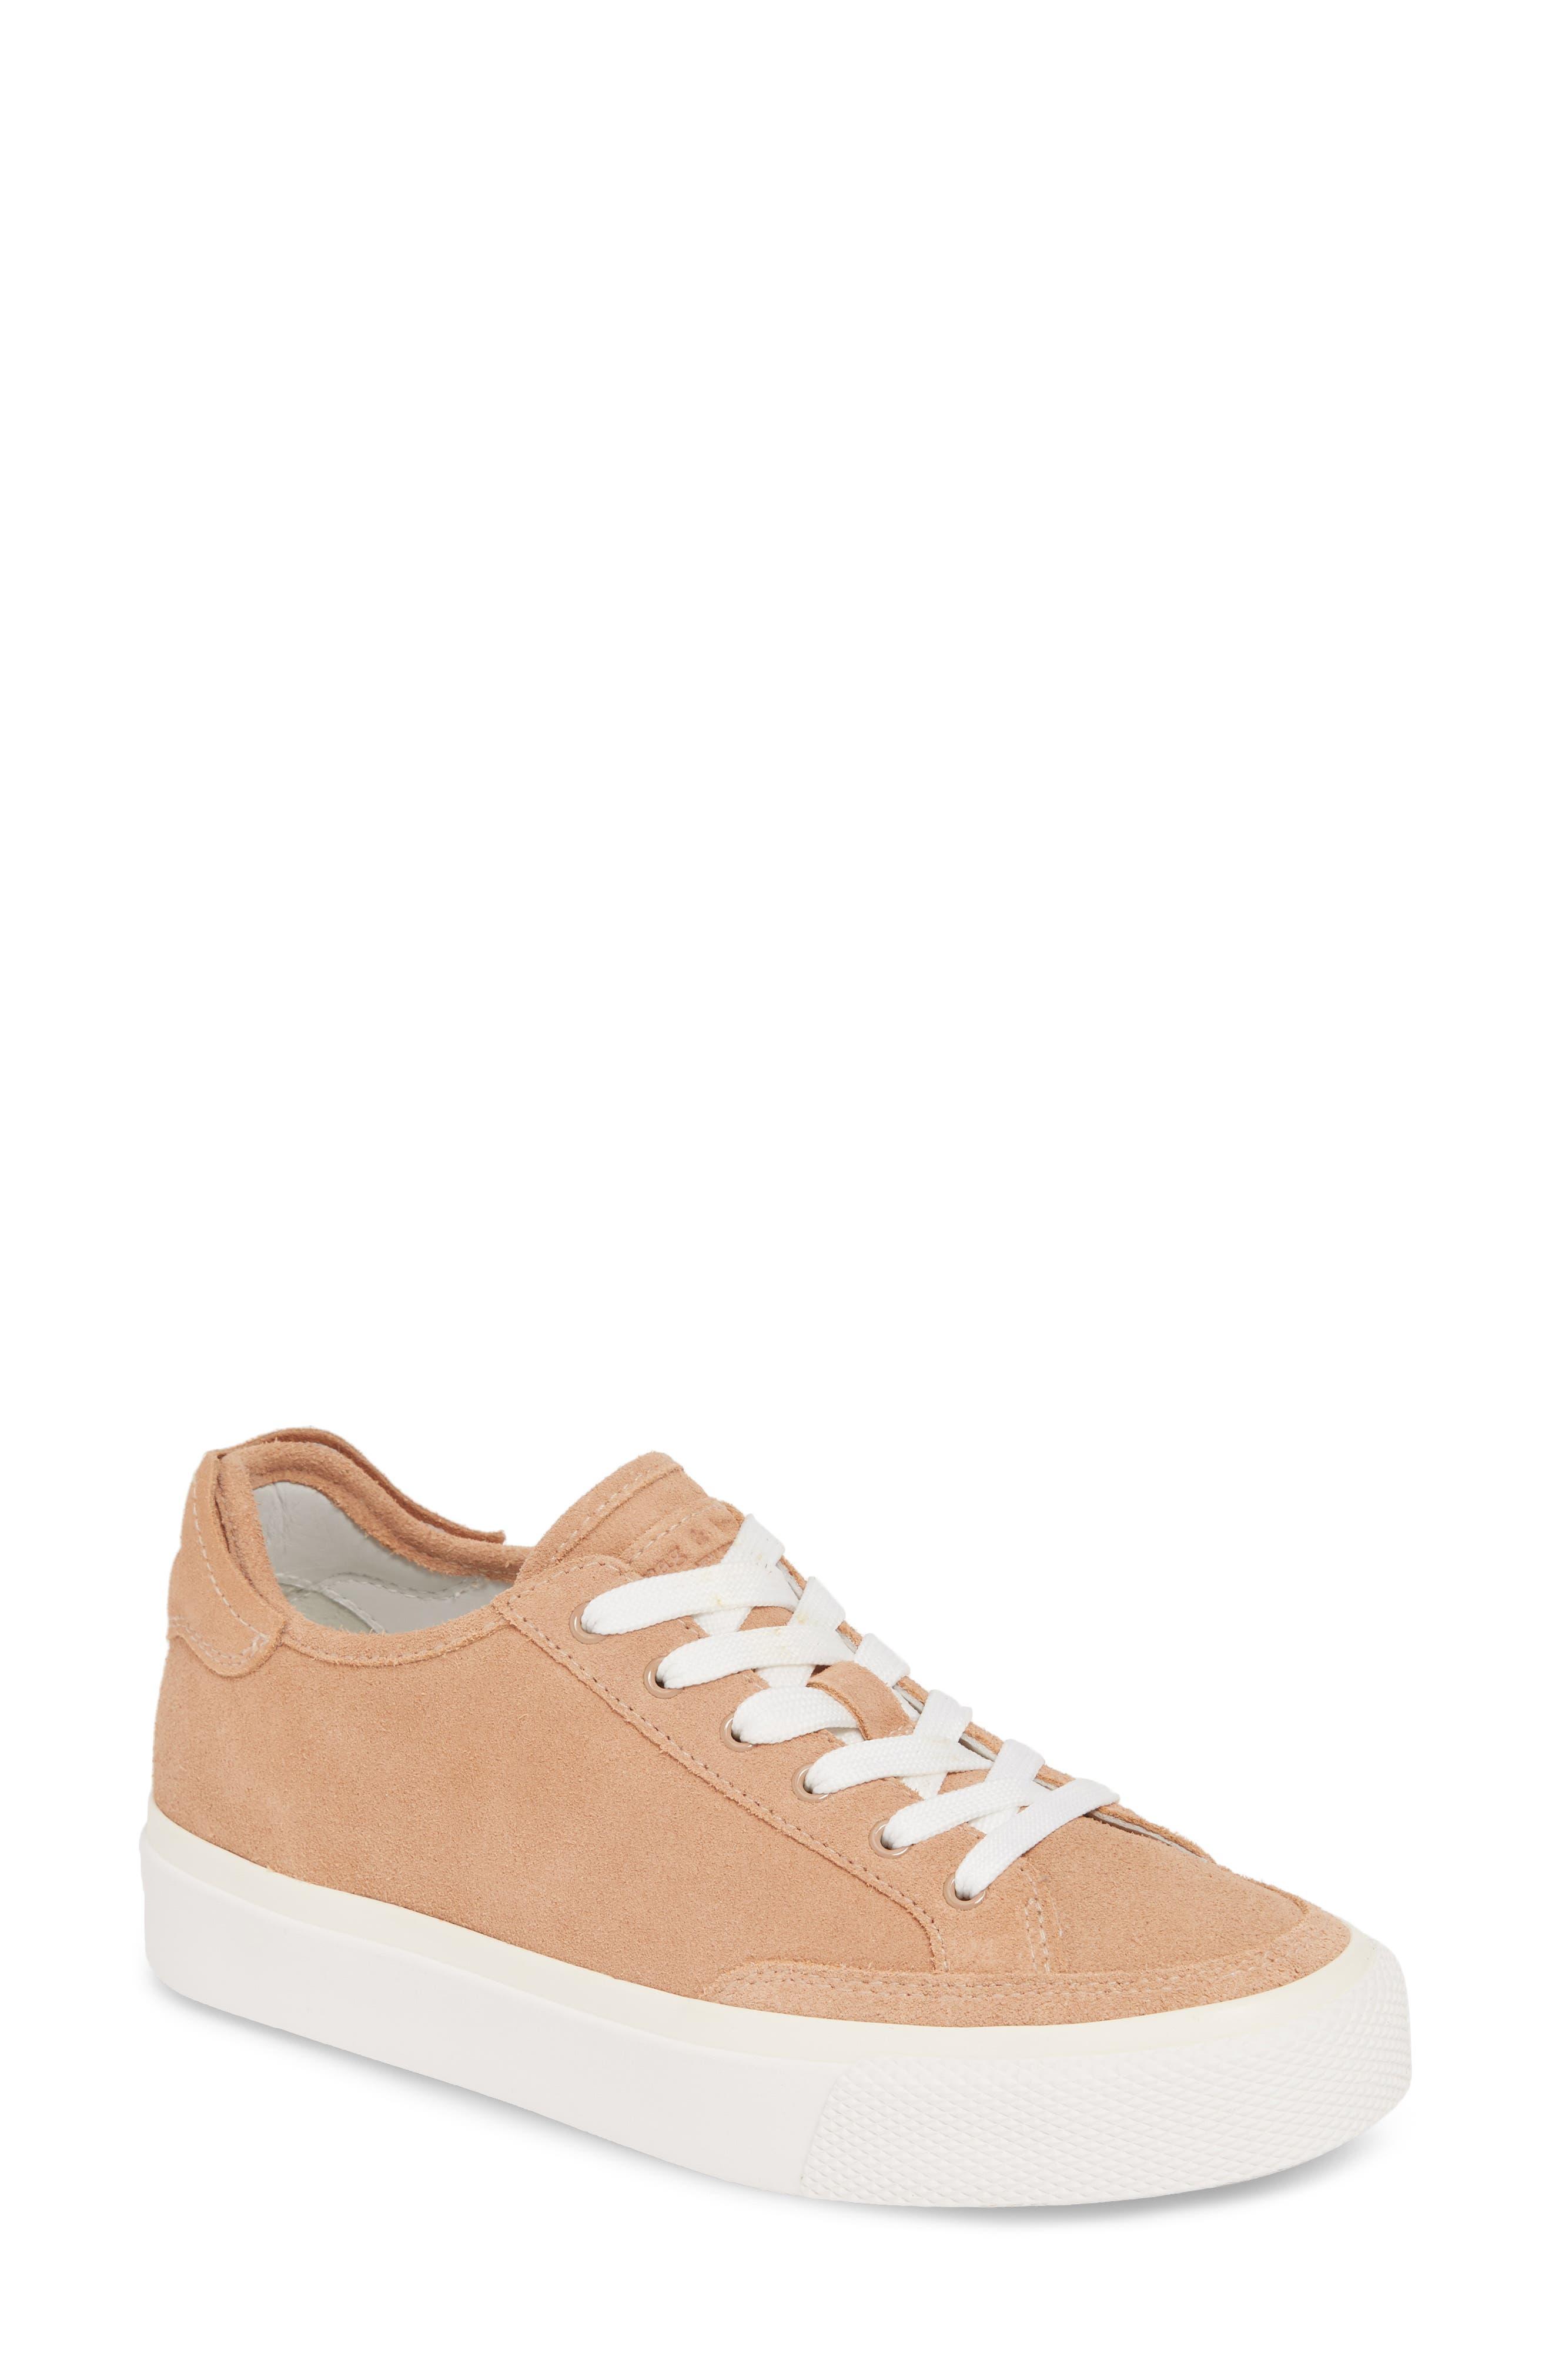 Rag & Bone Army Low Top Sneaker - Brown